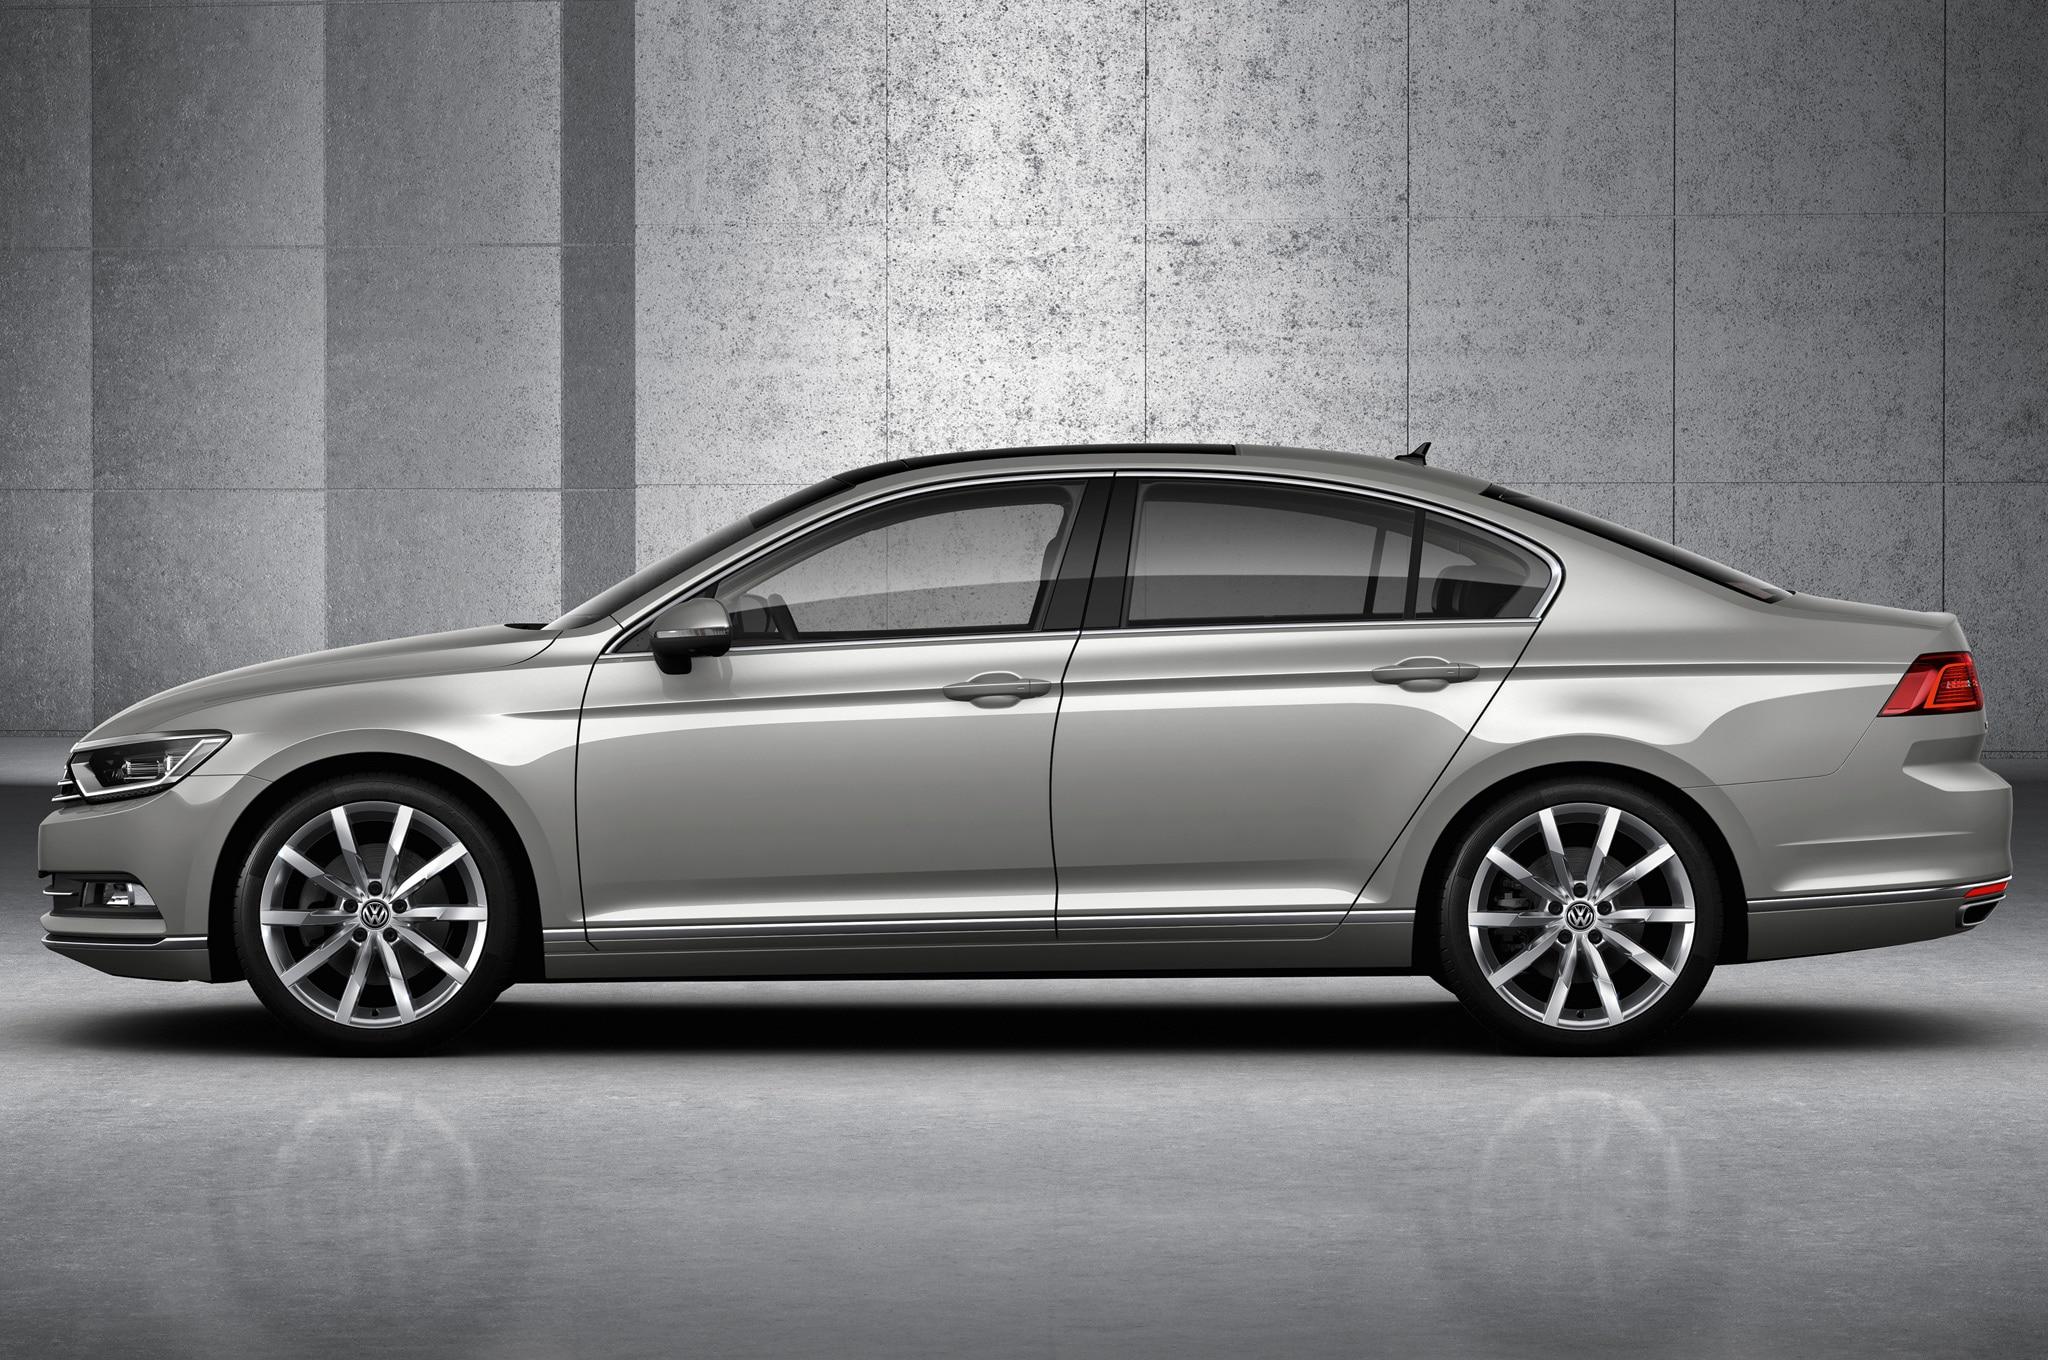 European 2015 Volkswagen Passat Debuts